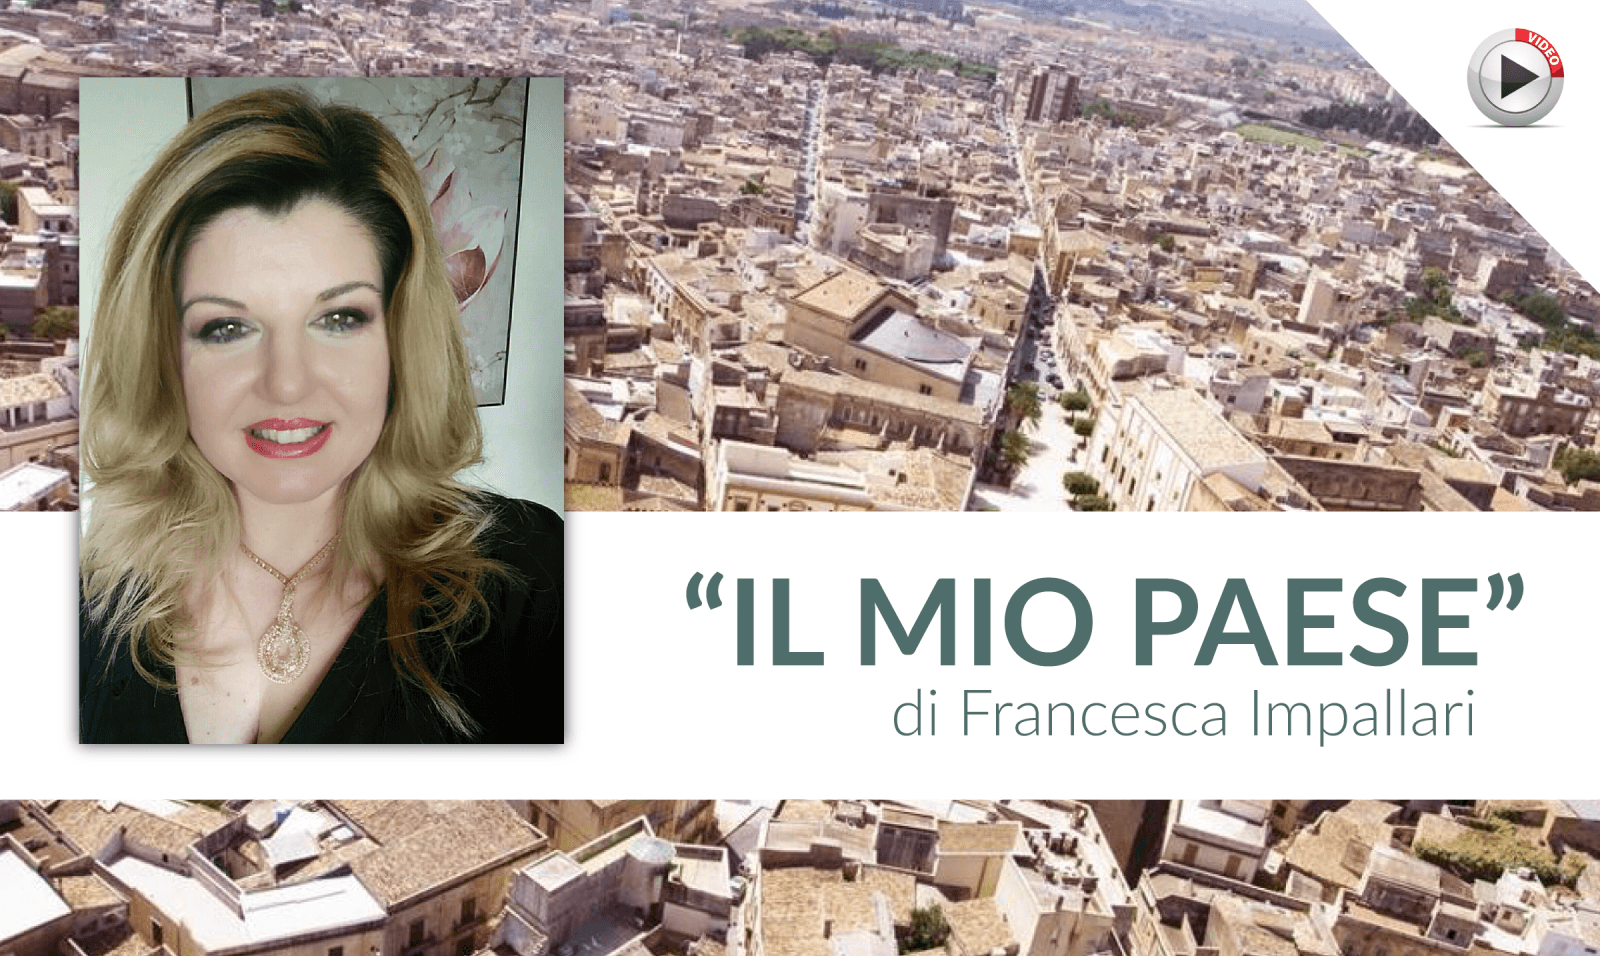 """""""Il mio paese"""": la poesia di Francesca Impallari che ha conquistato il cuore dei castelvetranesi 3"""